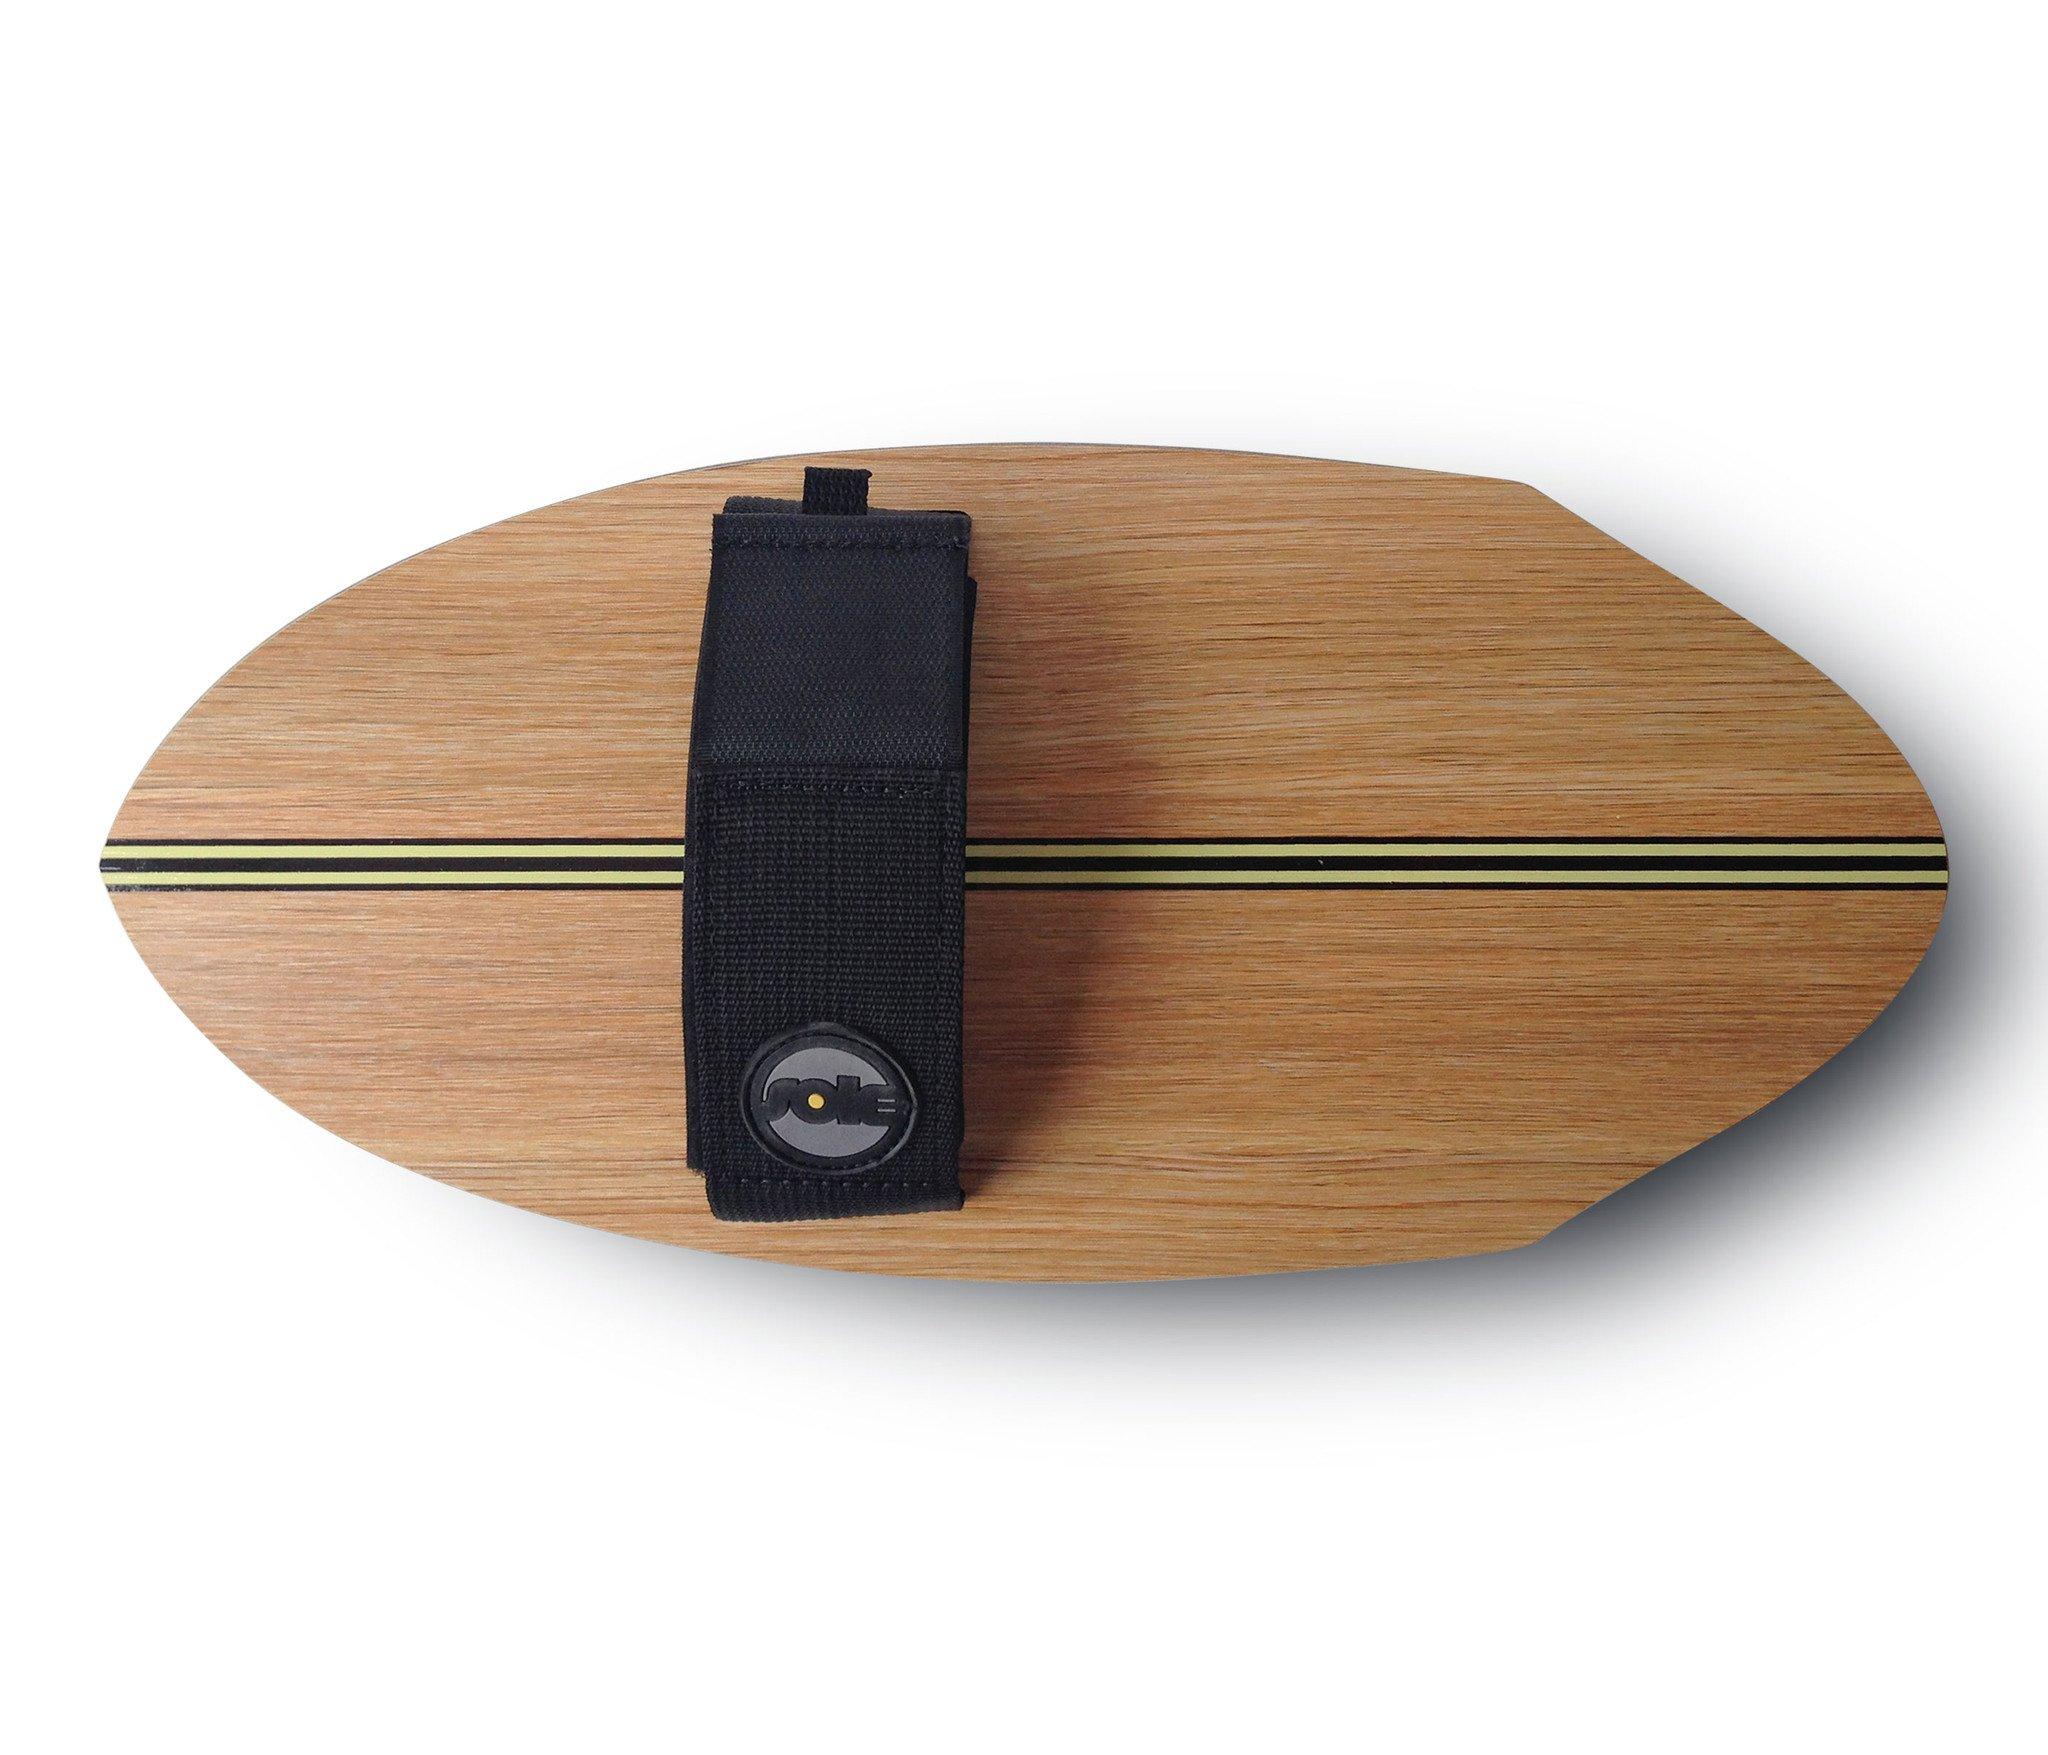 ה-Woodie Pin-Tail מתלבש על כף היד לגלישת Bodysurfing.מגיע עם זנב Round.עשויי מעץ וחתוך בלייזר.הקונקייב בתחתית נותן הרבה מהירות.